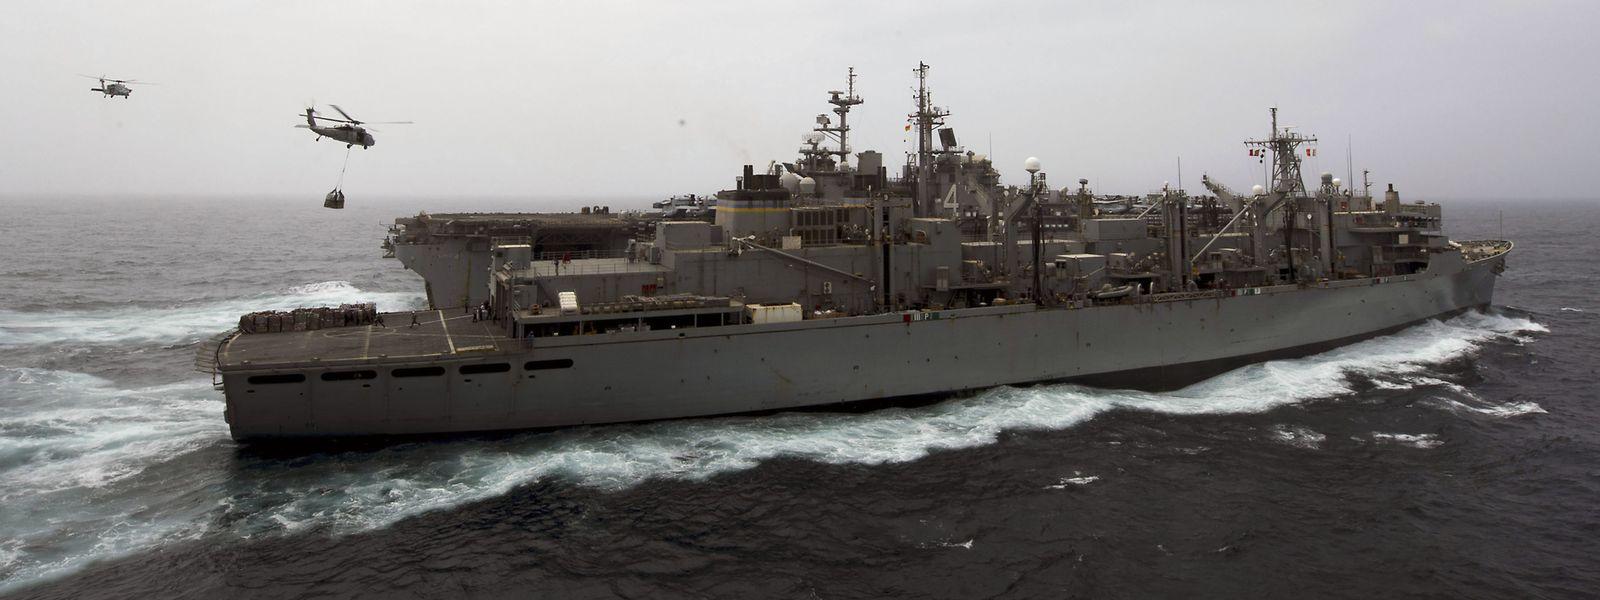 Die USS Boxer, das Schiff, das die Drohne abgeschossen hat.